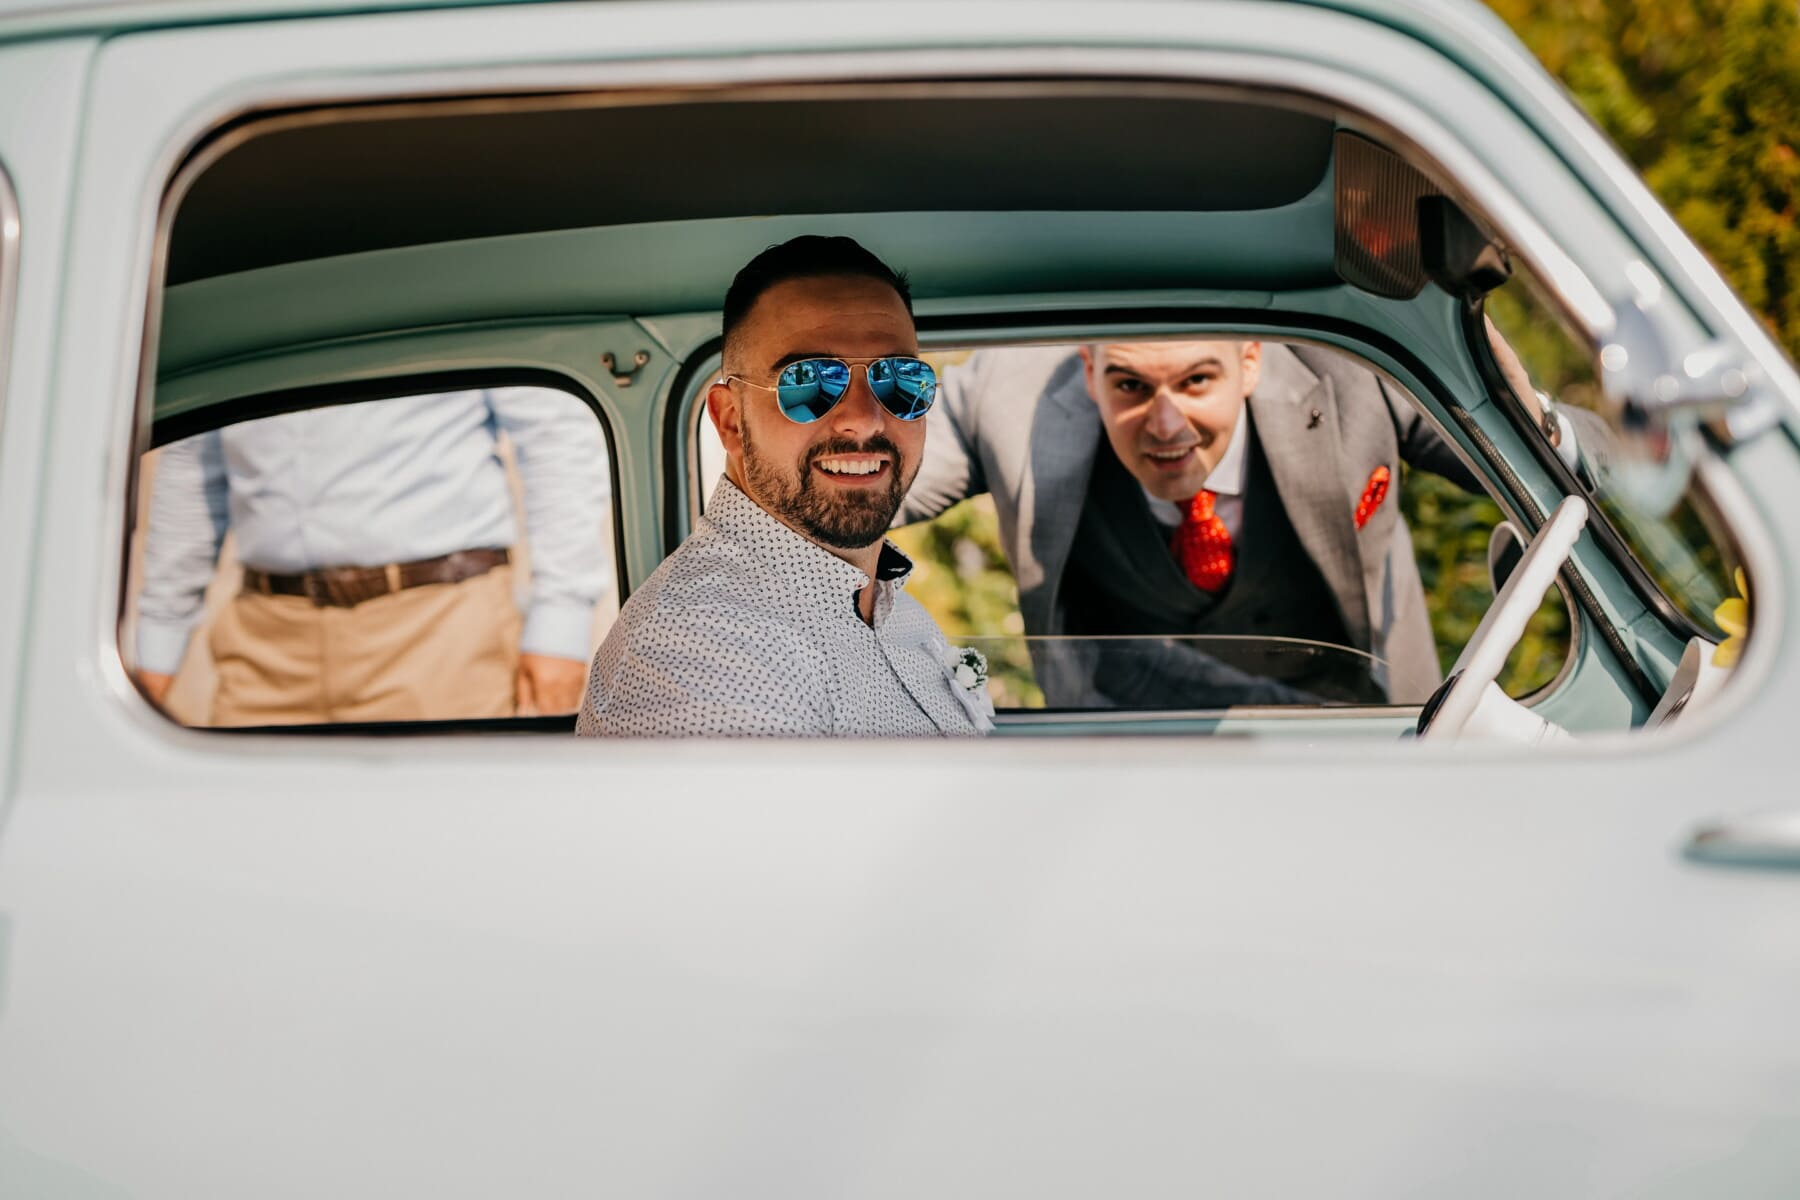 Mann, Auto, sitzen, Oldtimer, Treiber, Sonnenbrille, Schnurrbart, Lächeln auf den Lippen, Bart, fahren